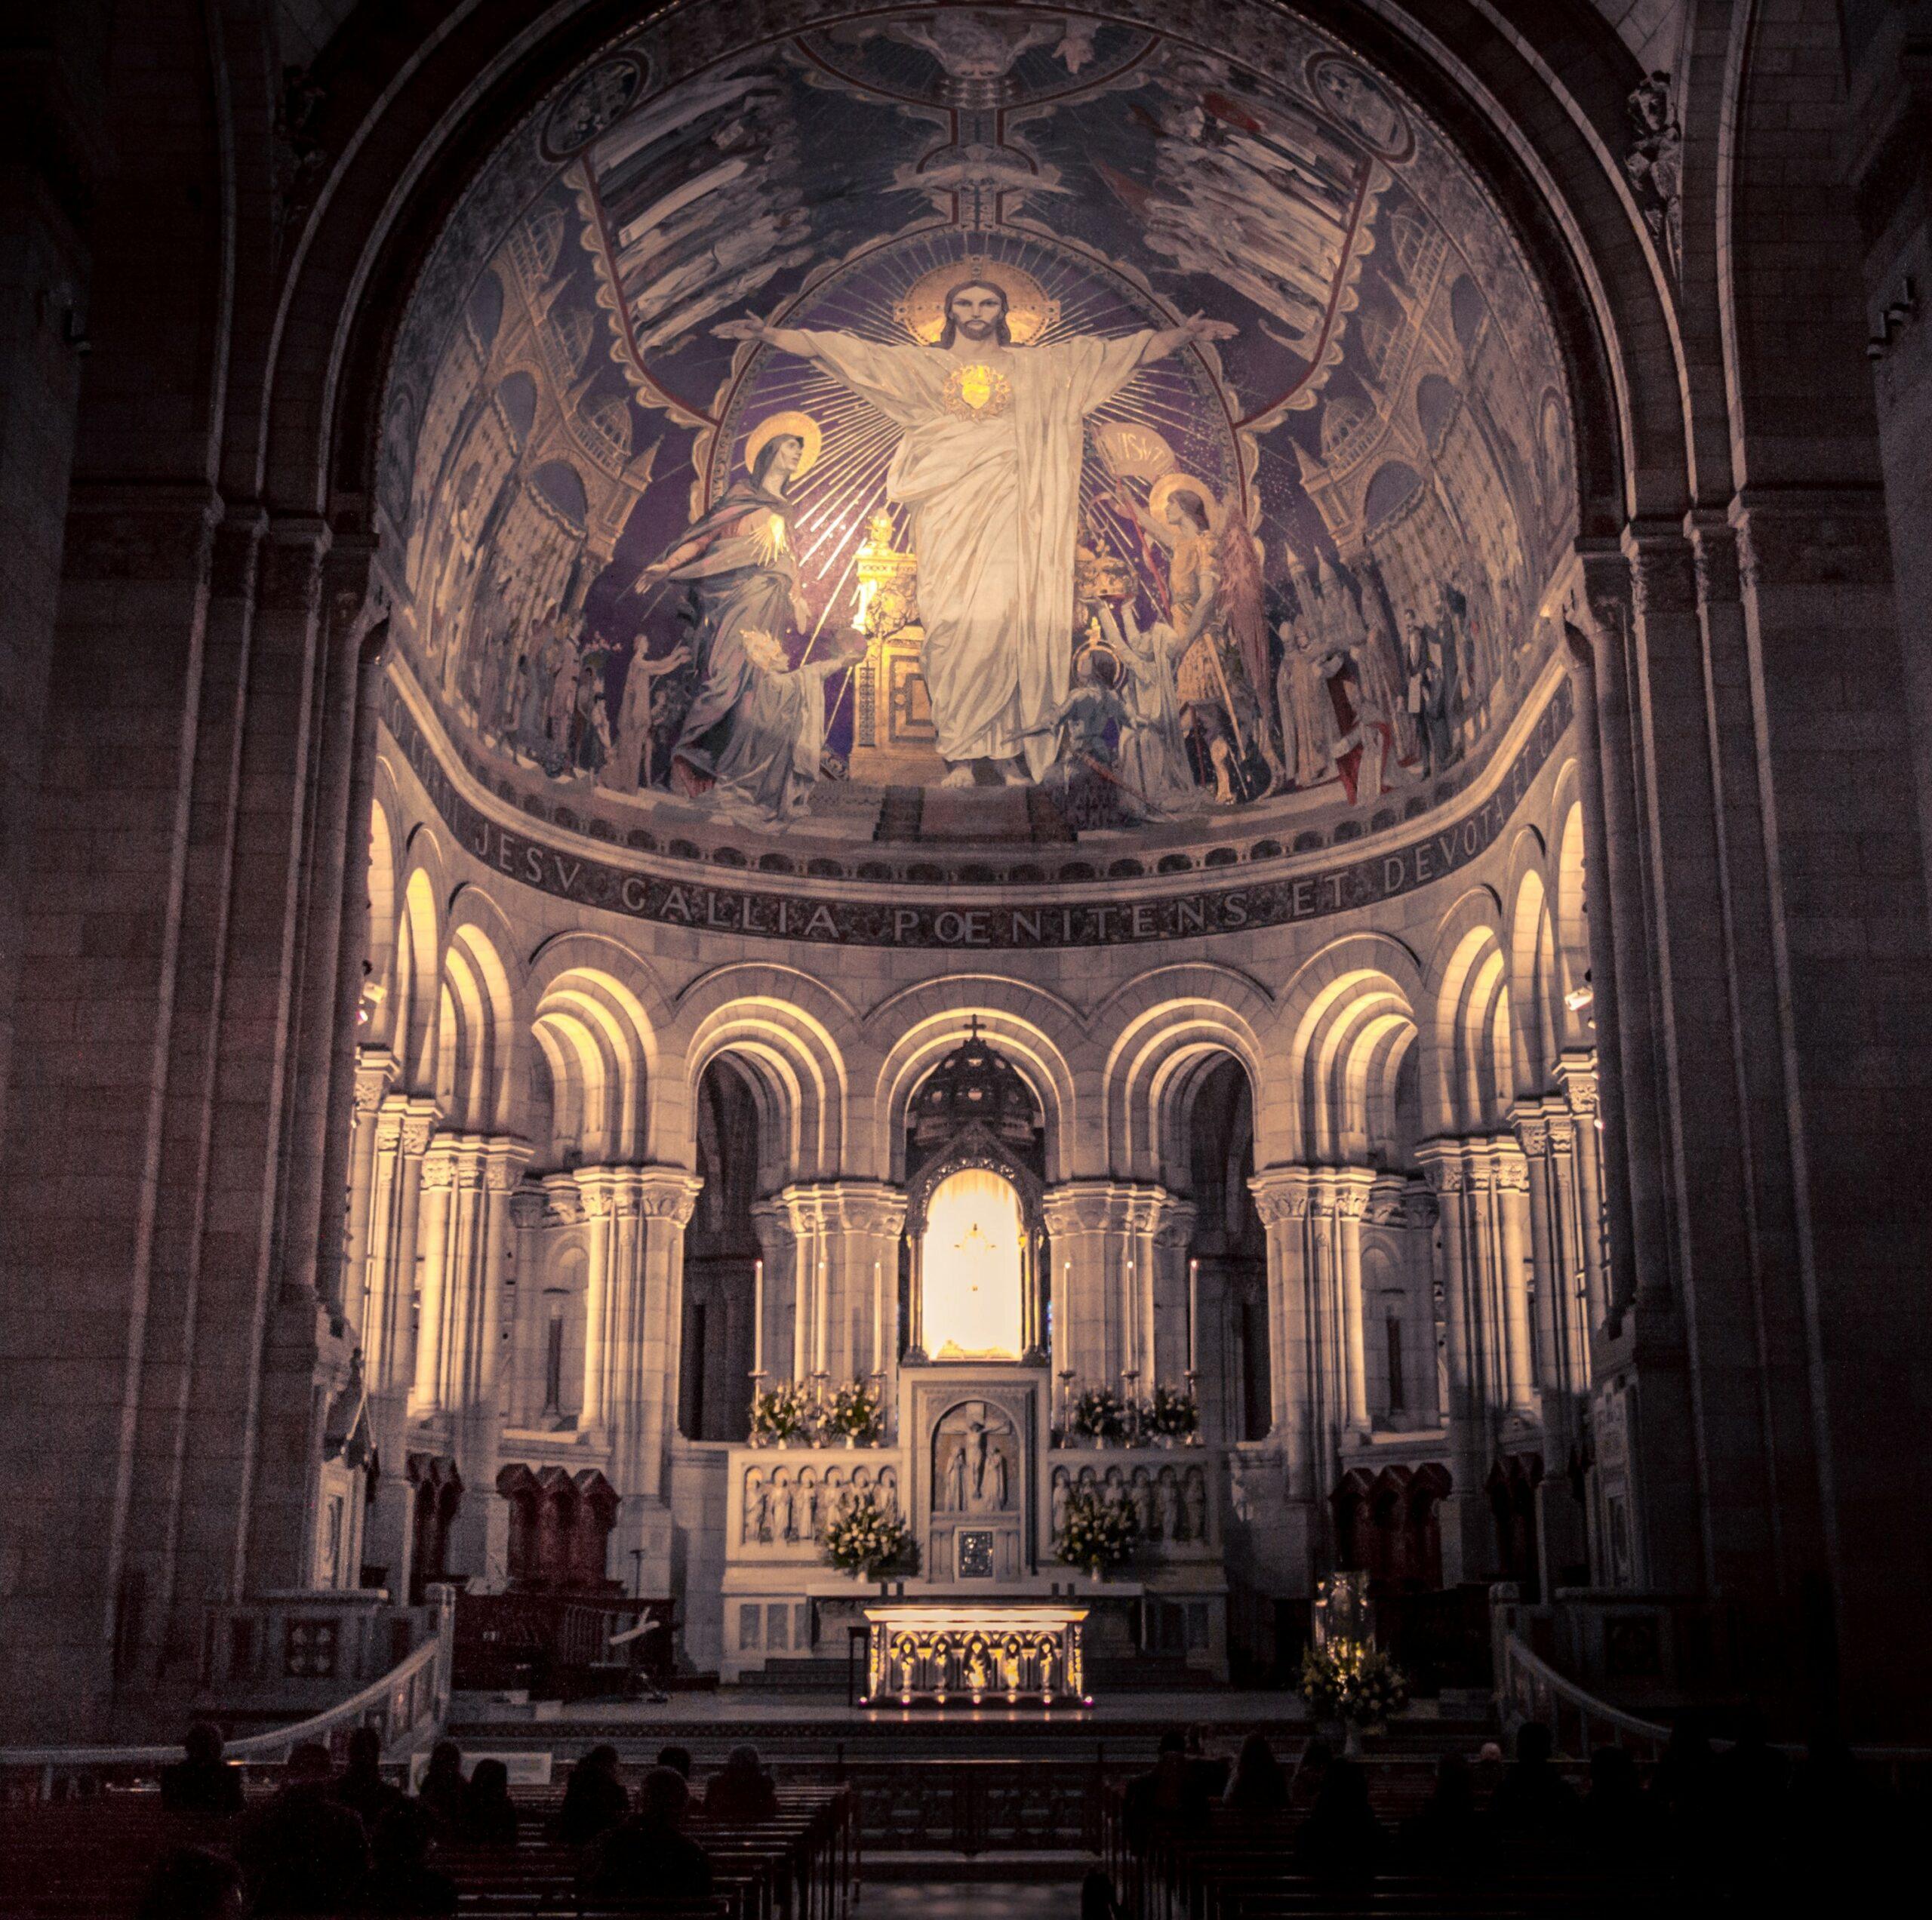 ¡Maravilloso caso! La Virgen vino a buscar a un Niño Evangélico para Convertirlo en Sacerdote